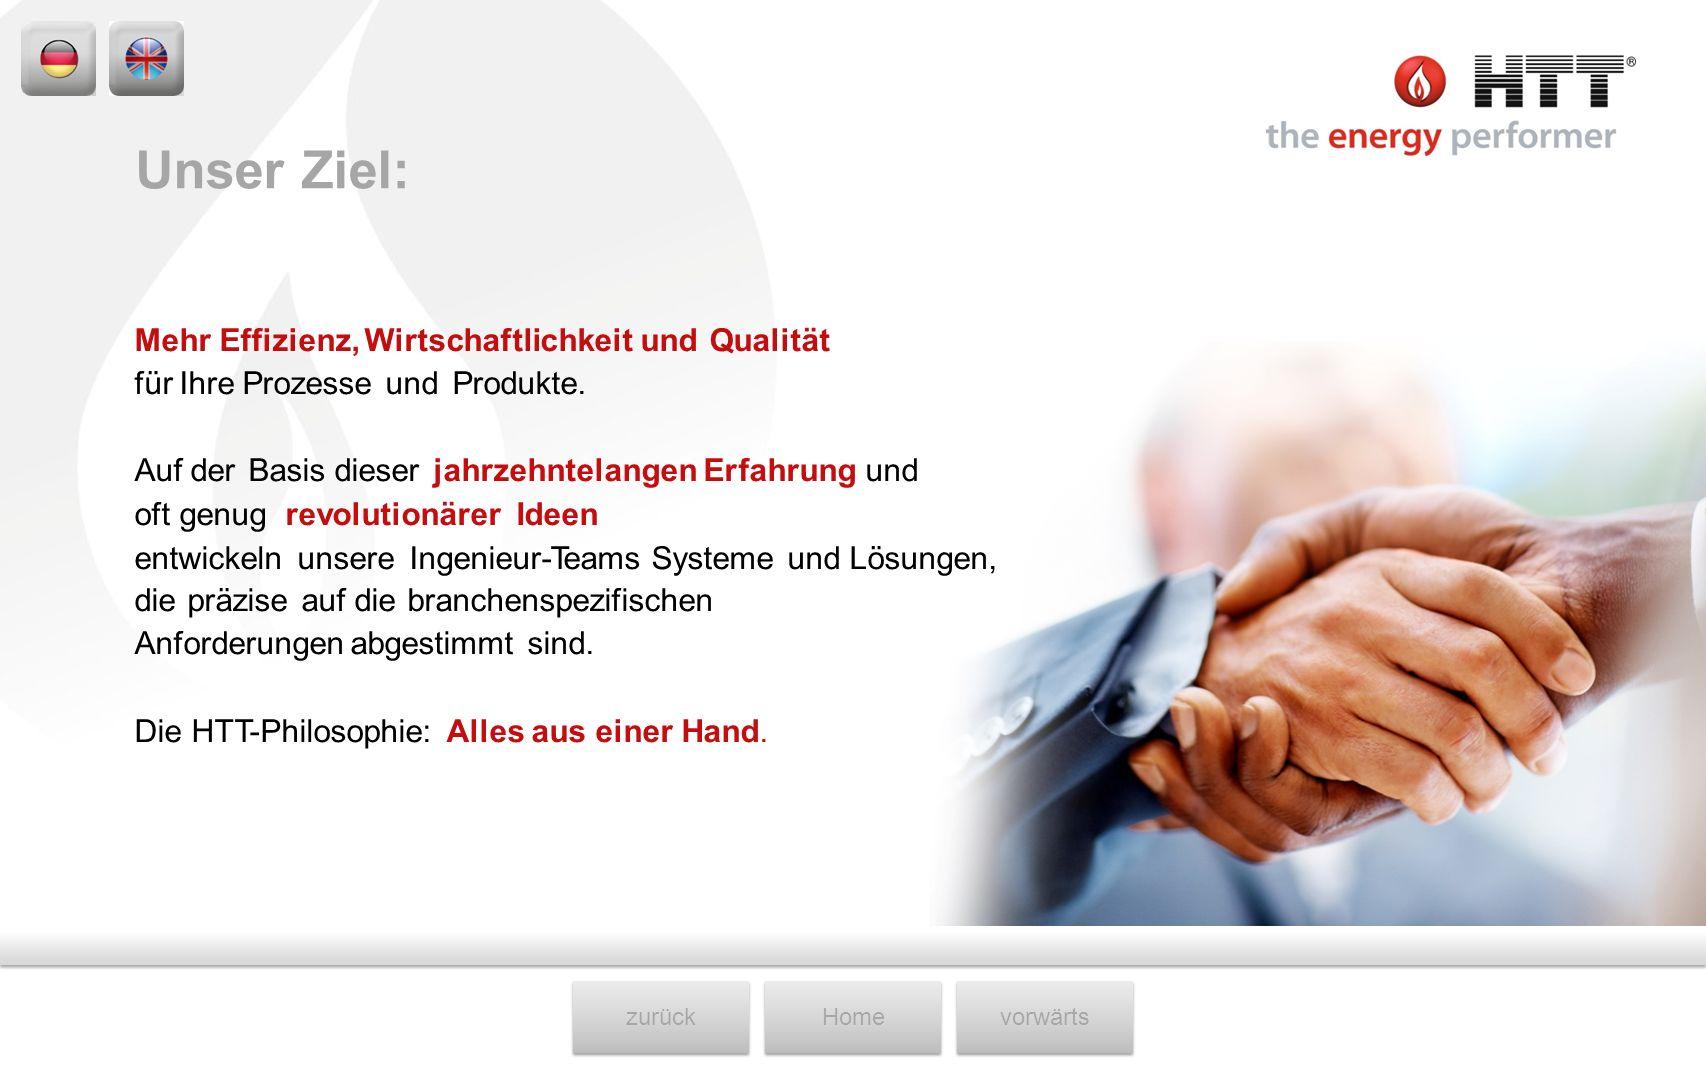 Unser Ziel: Mehr Effizienz, Wirtschaftlichkeit und Qualität